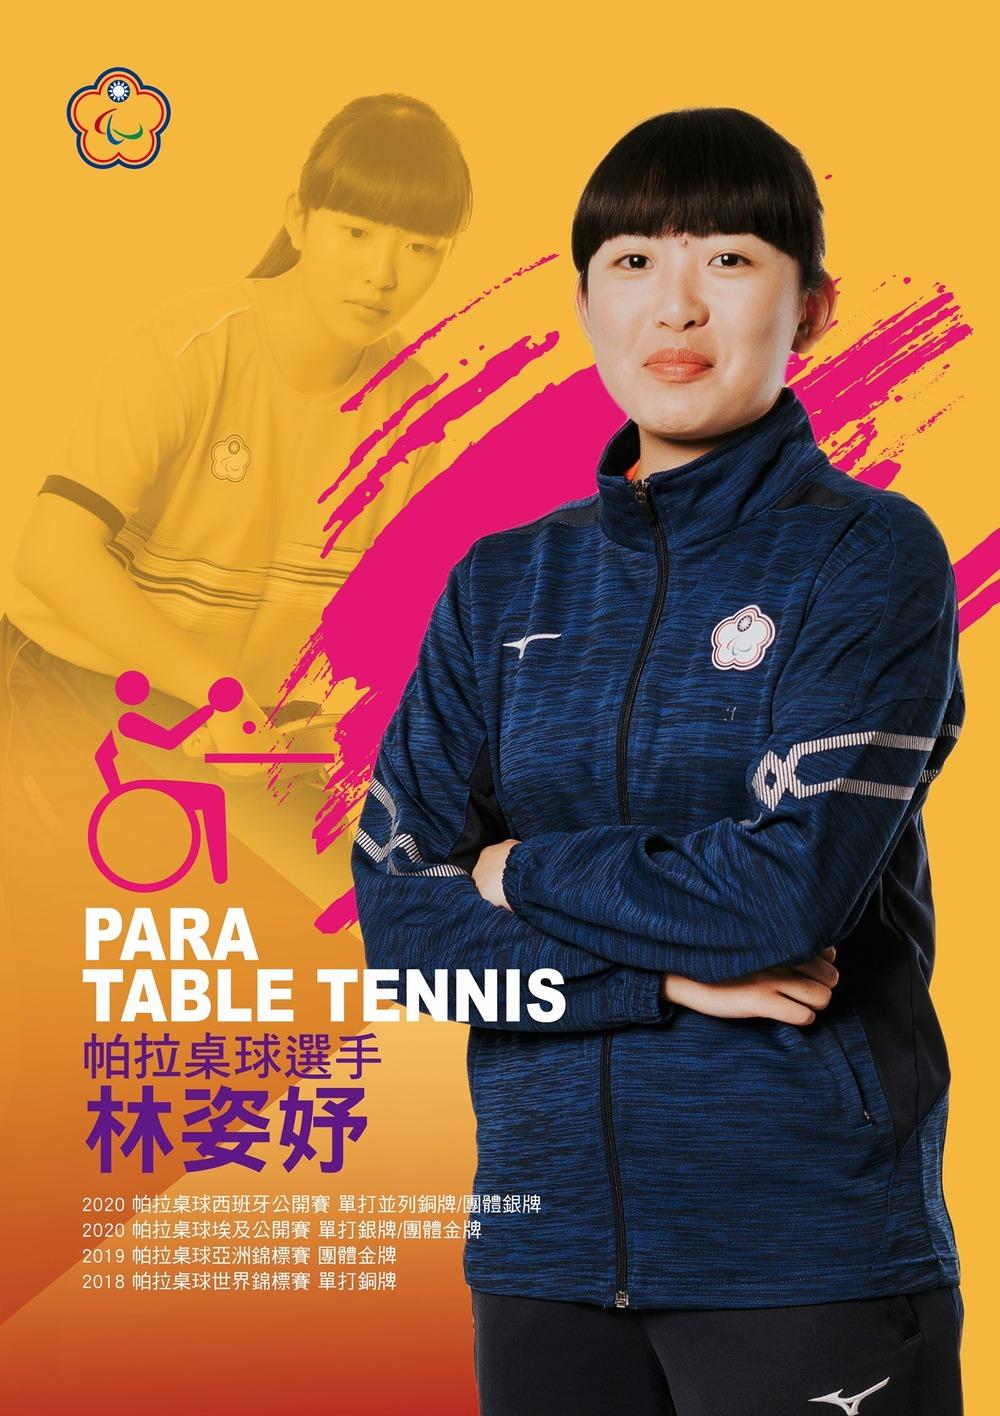 翻攝中華民國殘障體育運動總會臉書